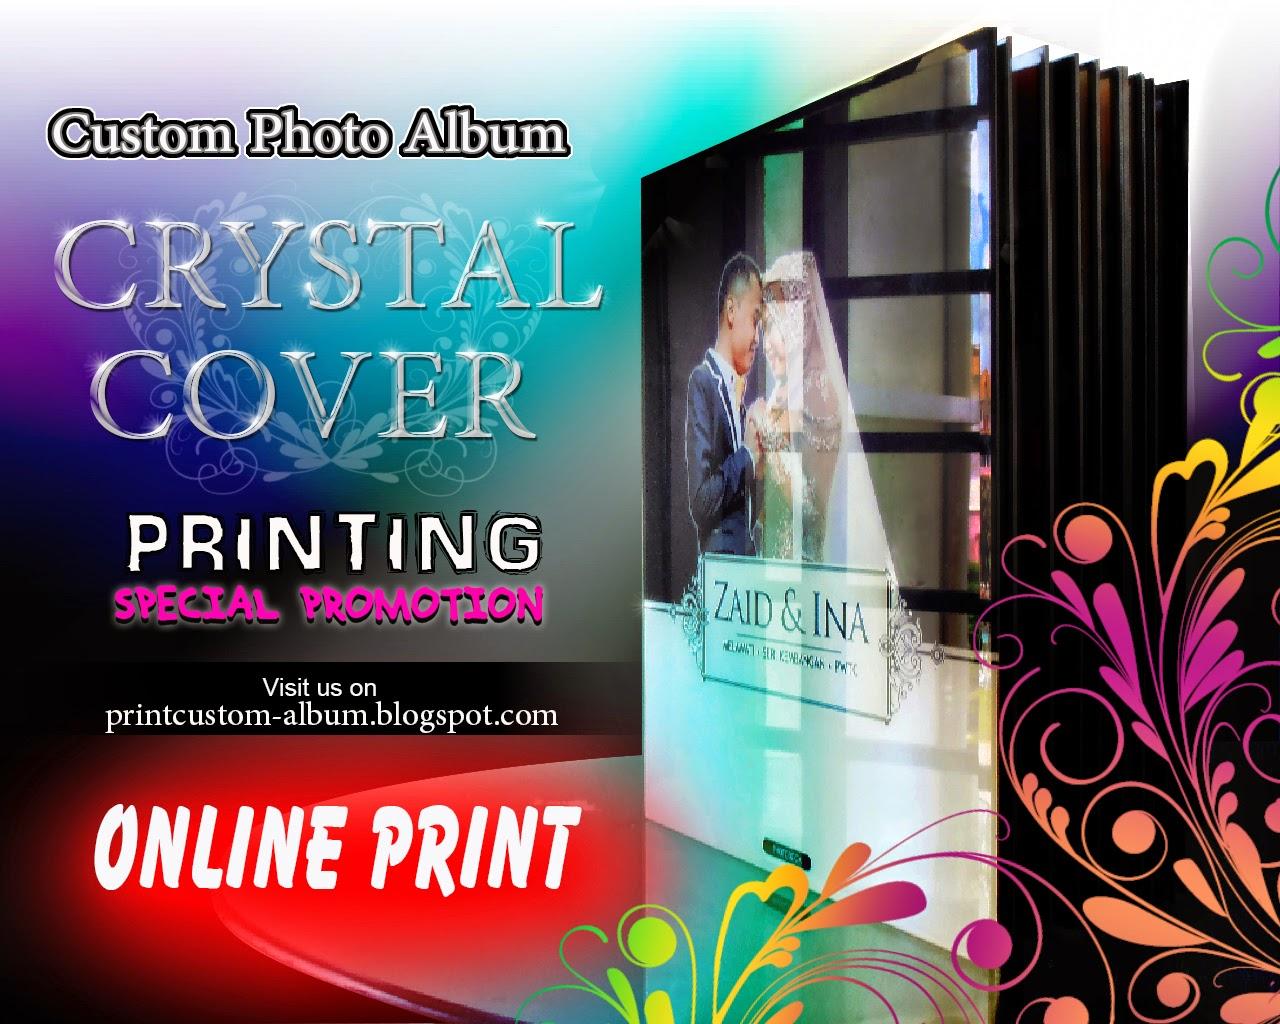 buat custom album crystal,cetak custom album,tempat cetak custom album,cara buat custom album,print custom album